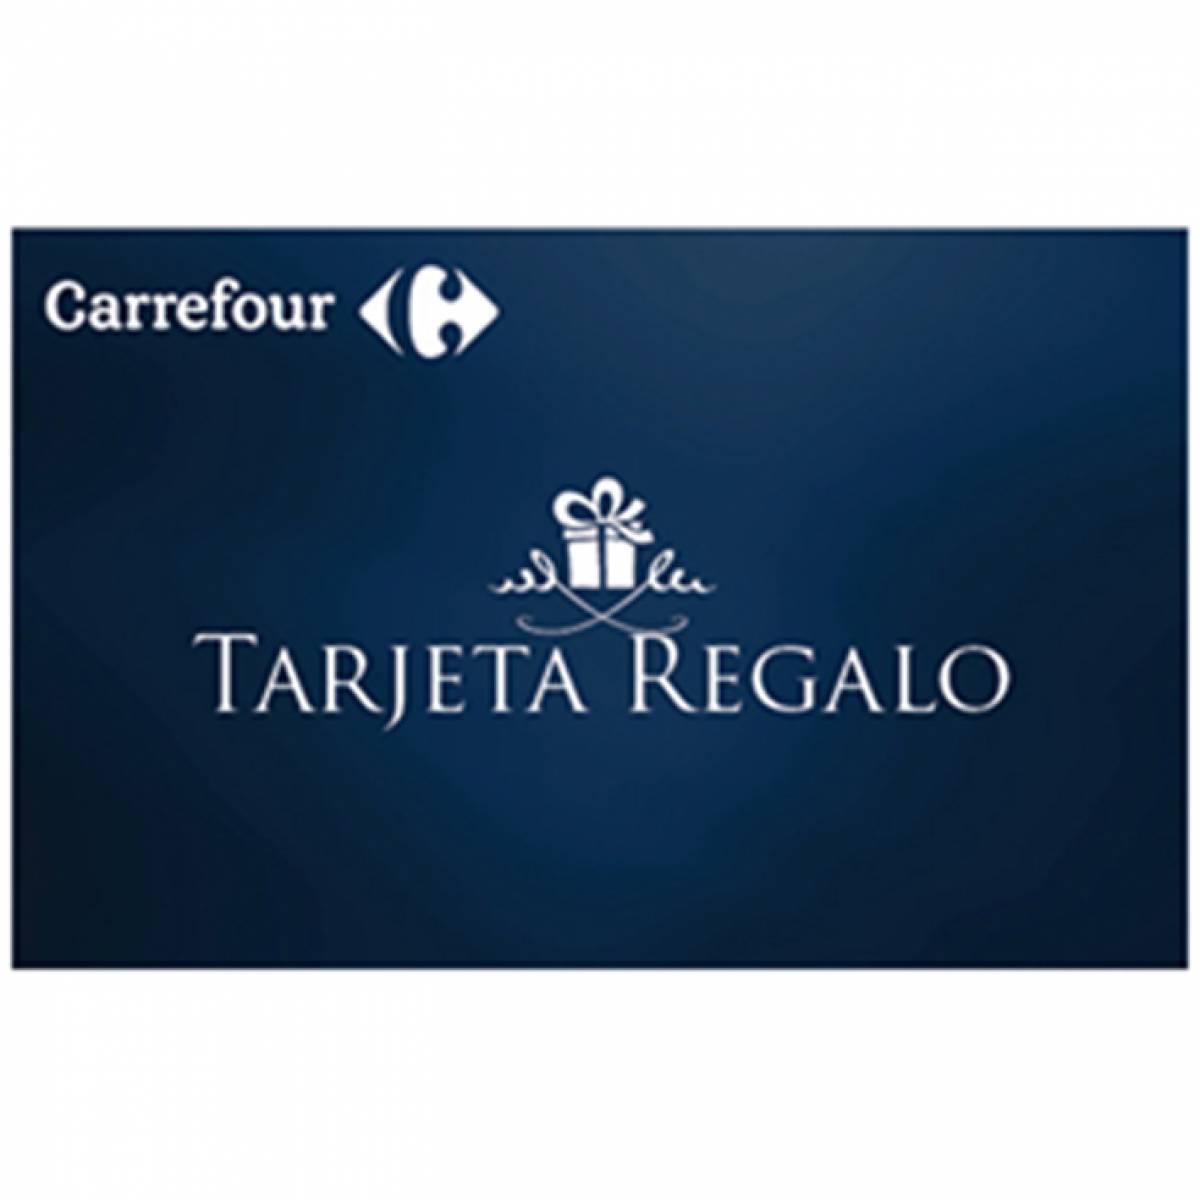 Tarjeta Regalo 200 Euros Carrefour Bienvenido A Myteam Myteam